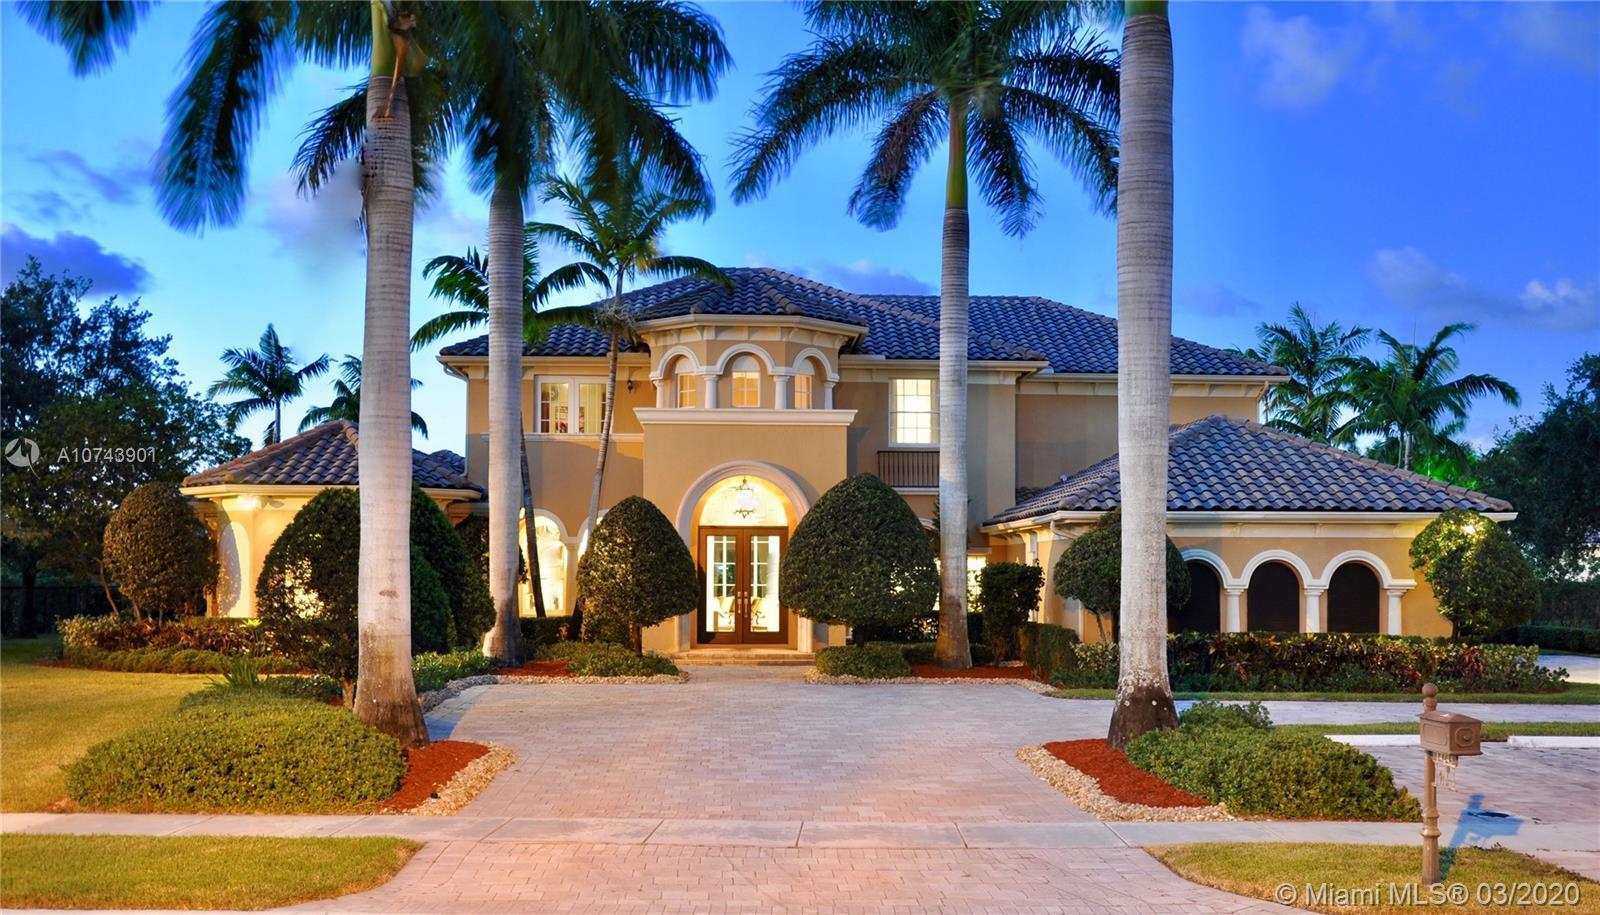 image #1 of property, Charleston Oaks